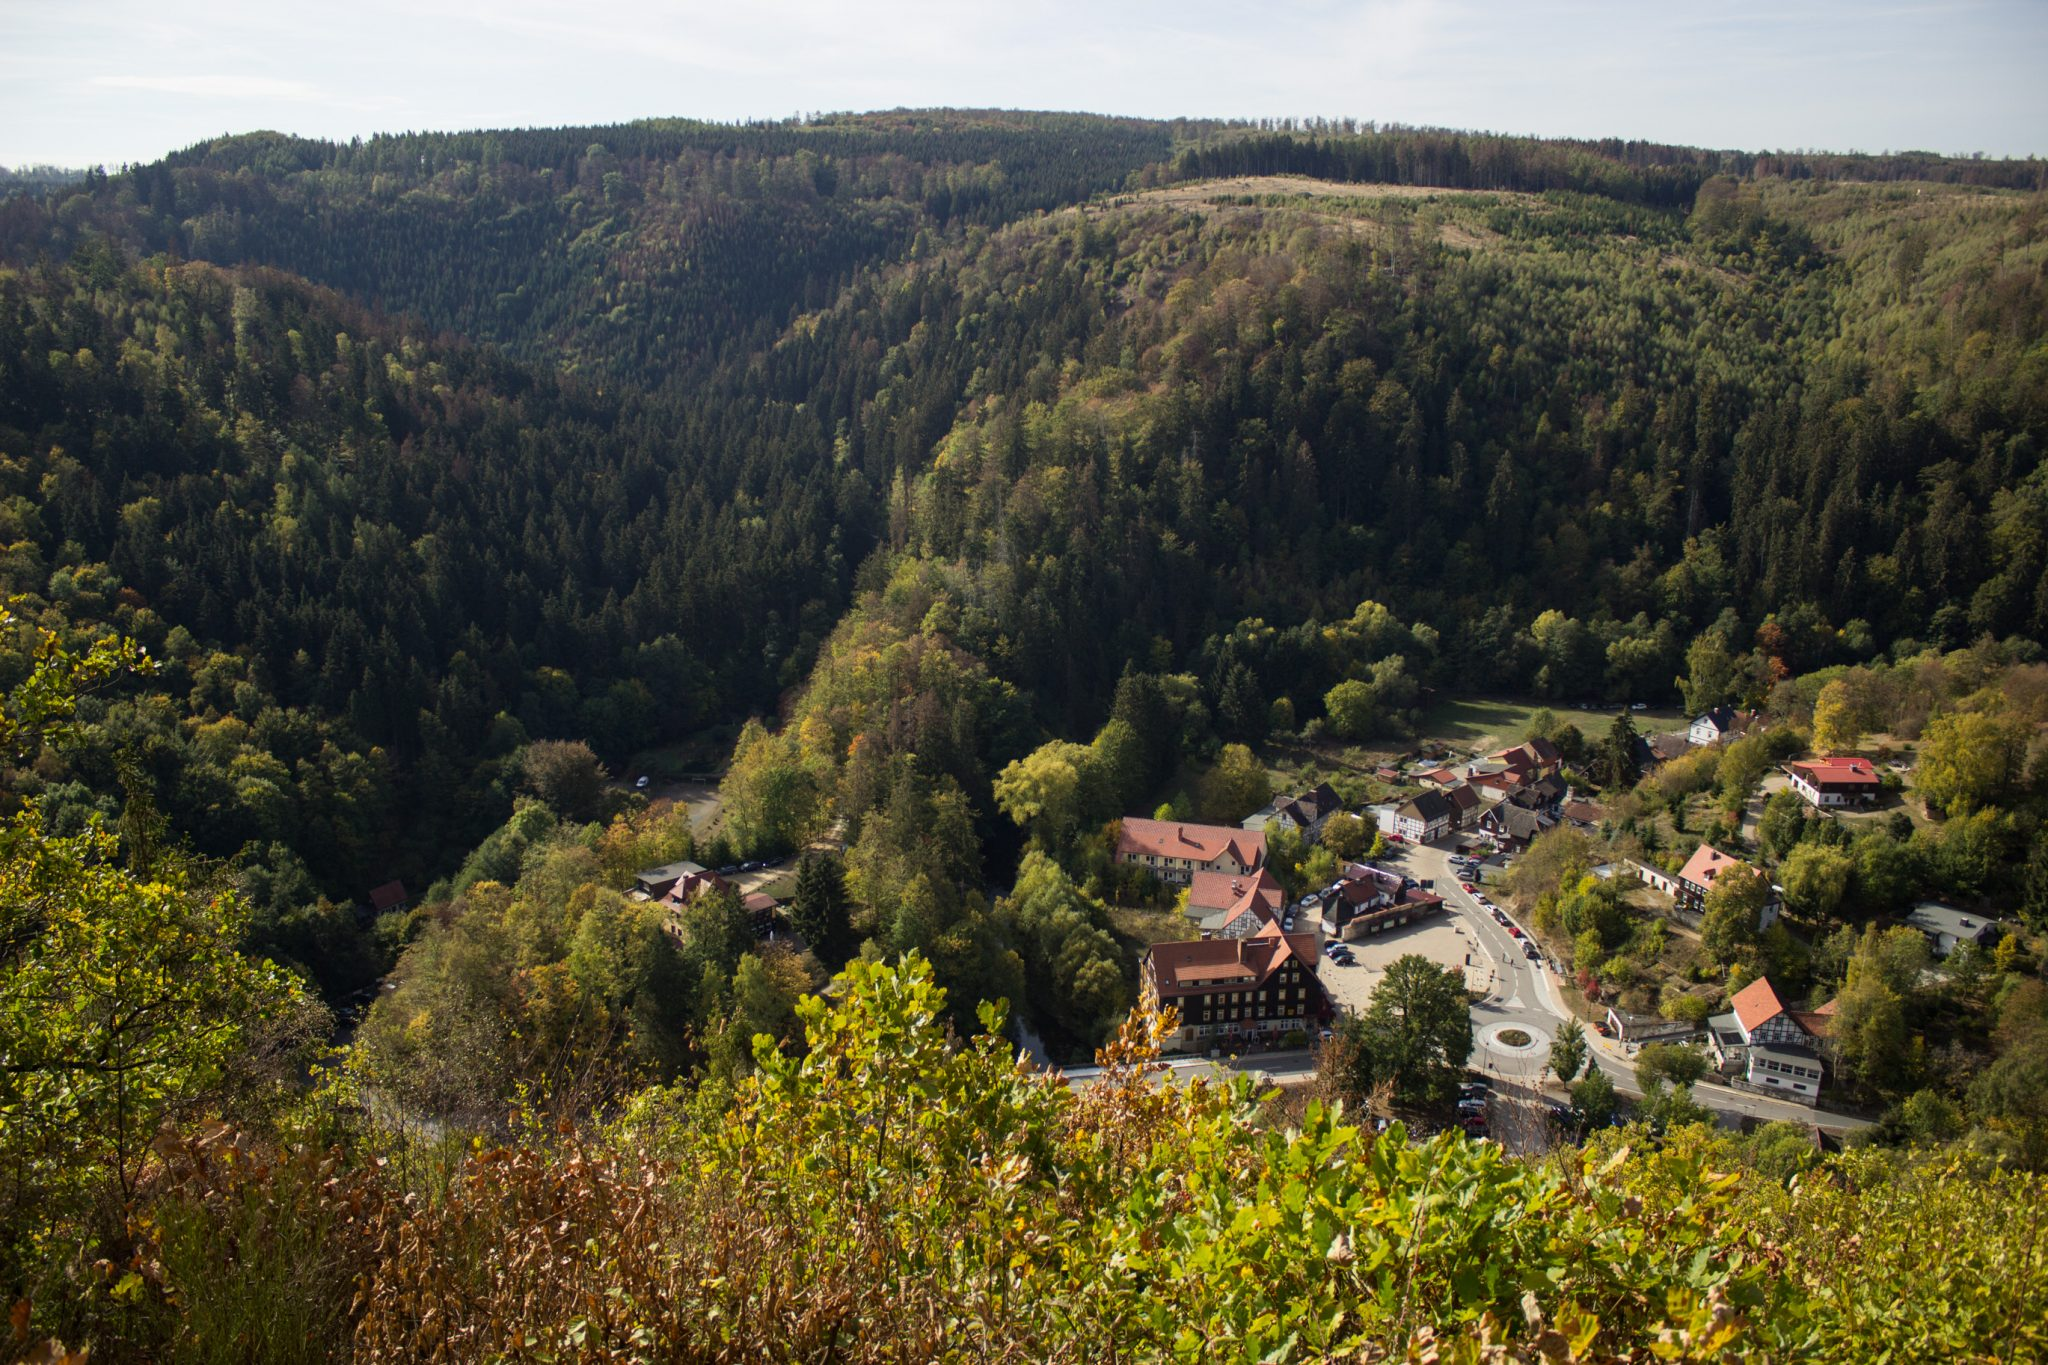 Rundwanderung Thale nach Treseburg - über Hexentanzplatz, Bodetal und Roßtrappe, Ende des Wanderwegs zwischen Thale und Treseburg, Blick auf Treseburg von oben, von dichtem Wald umgeben